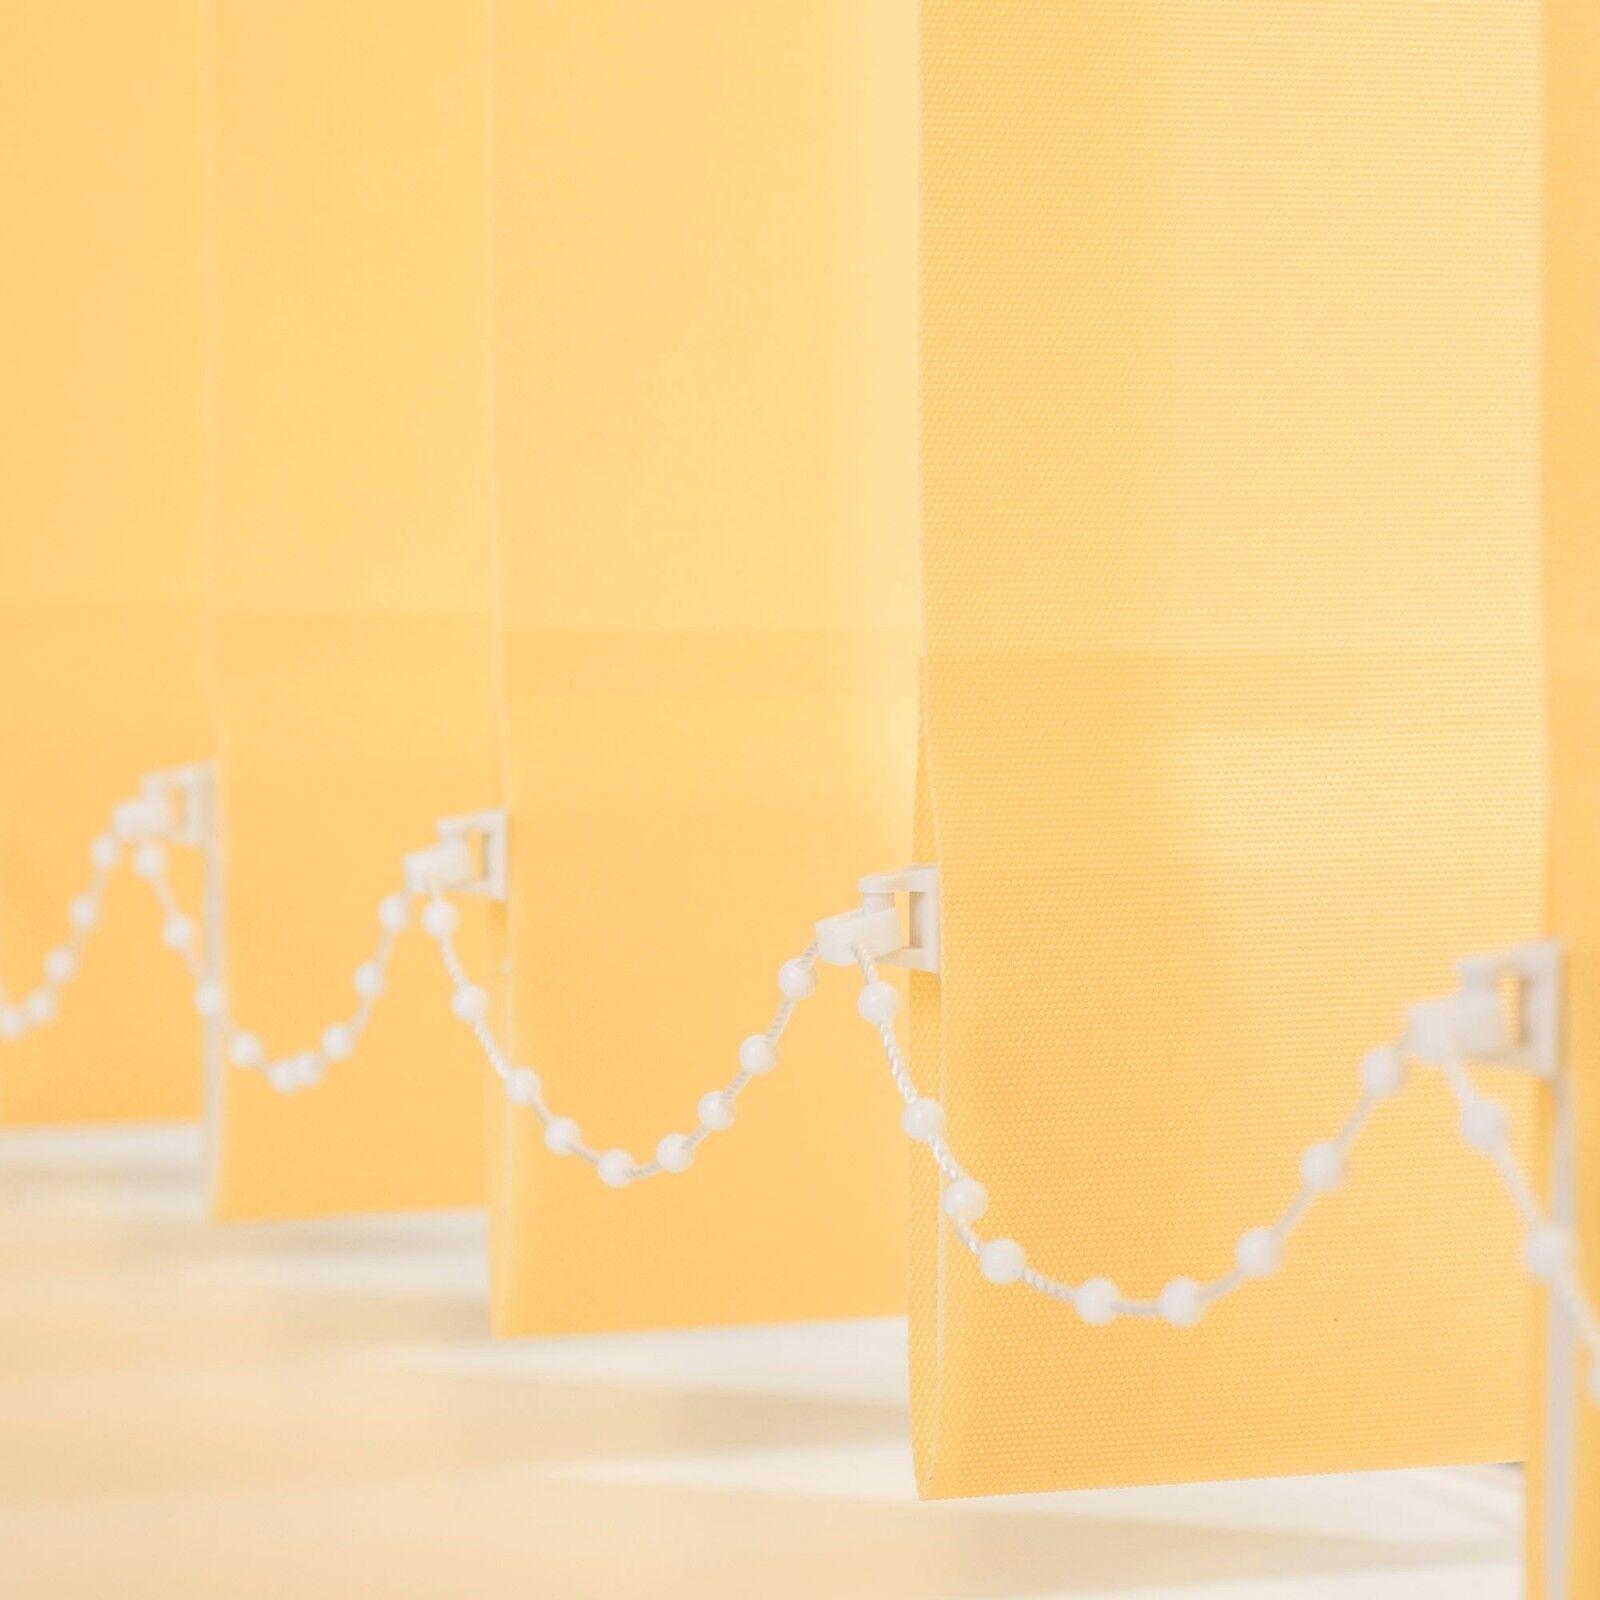 Lamellenvorhang Grünikalanlage Lamelle 89, 127 mm -  Länge kürzbar kürzbar kürzbar - gelb Gelb | Ausgezeichnetes Handwerk  a24c95